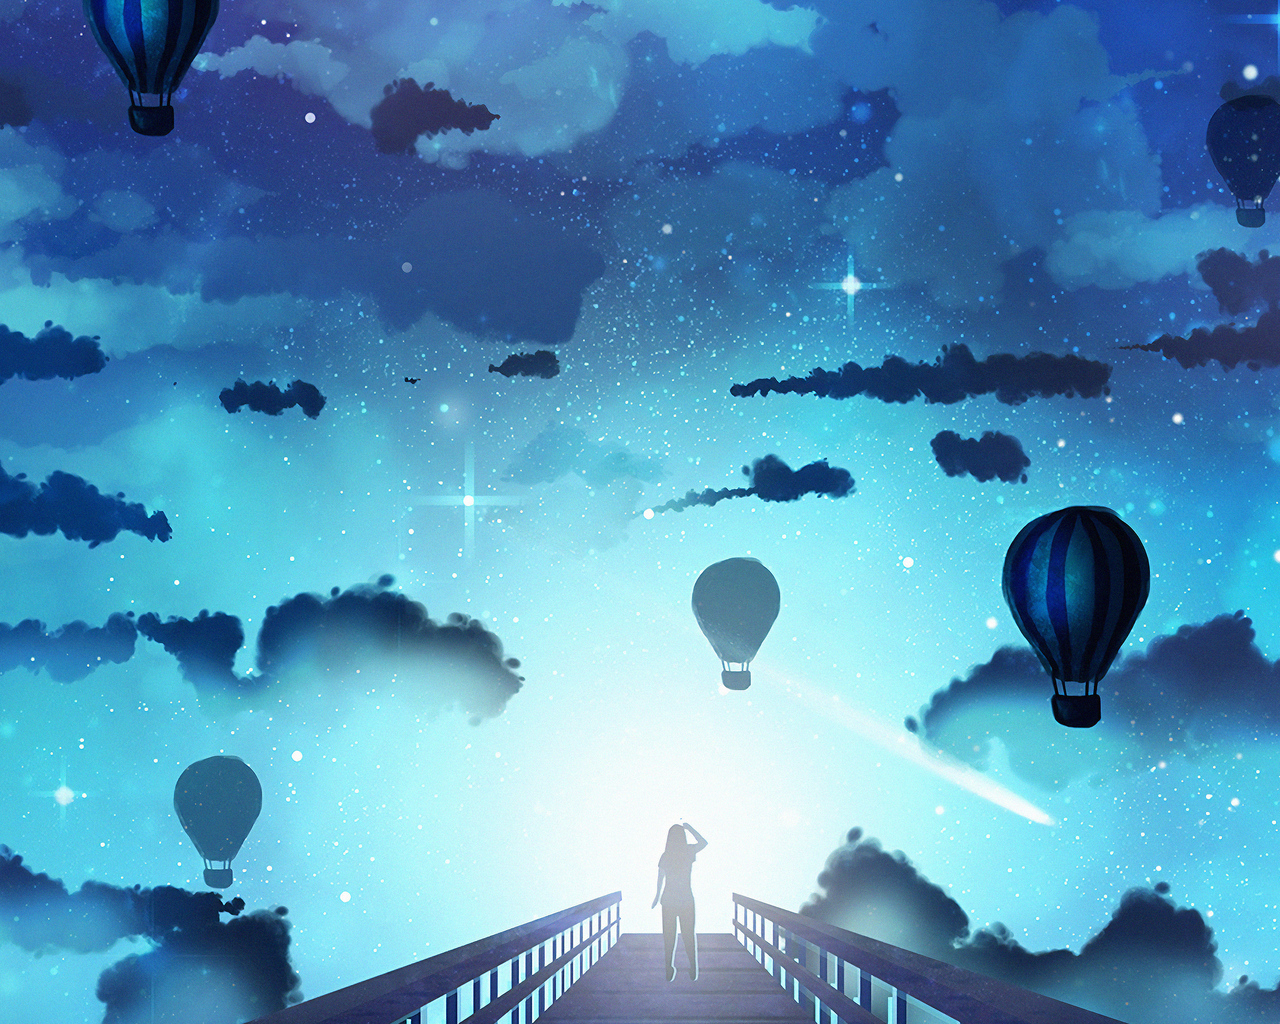 beyond-the-clouds-9u.jpg